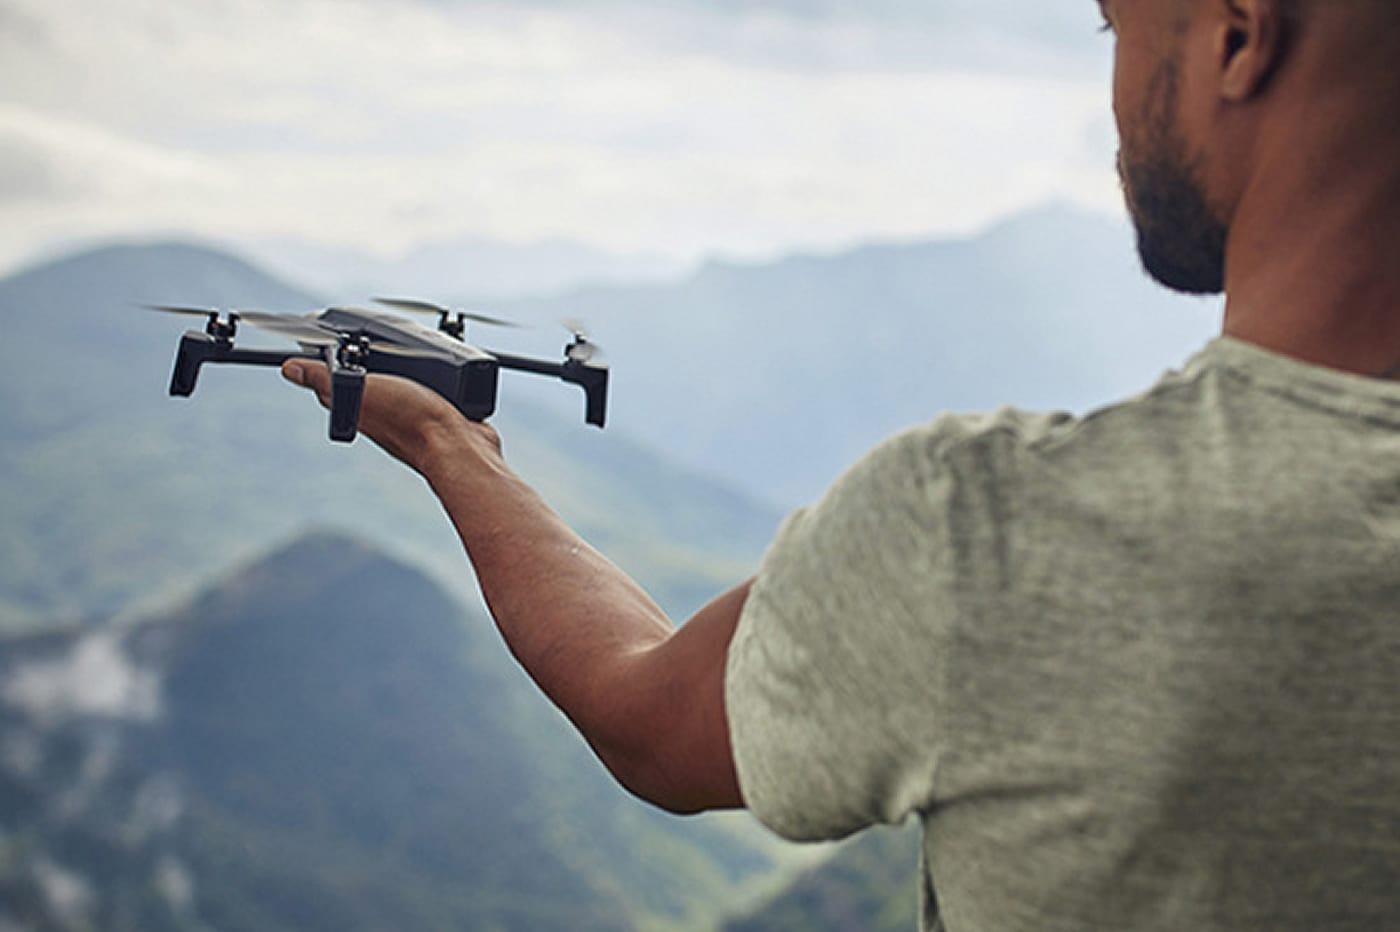 EN PLUS DE L'ARMÉE, PARROT S'APPRÊTERAIT À FOURNIR SES DRONES À LA POLICE